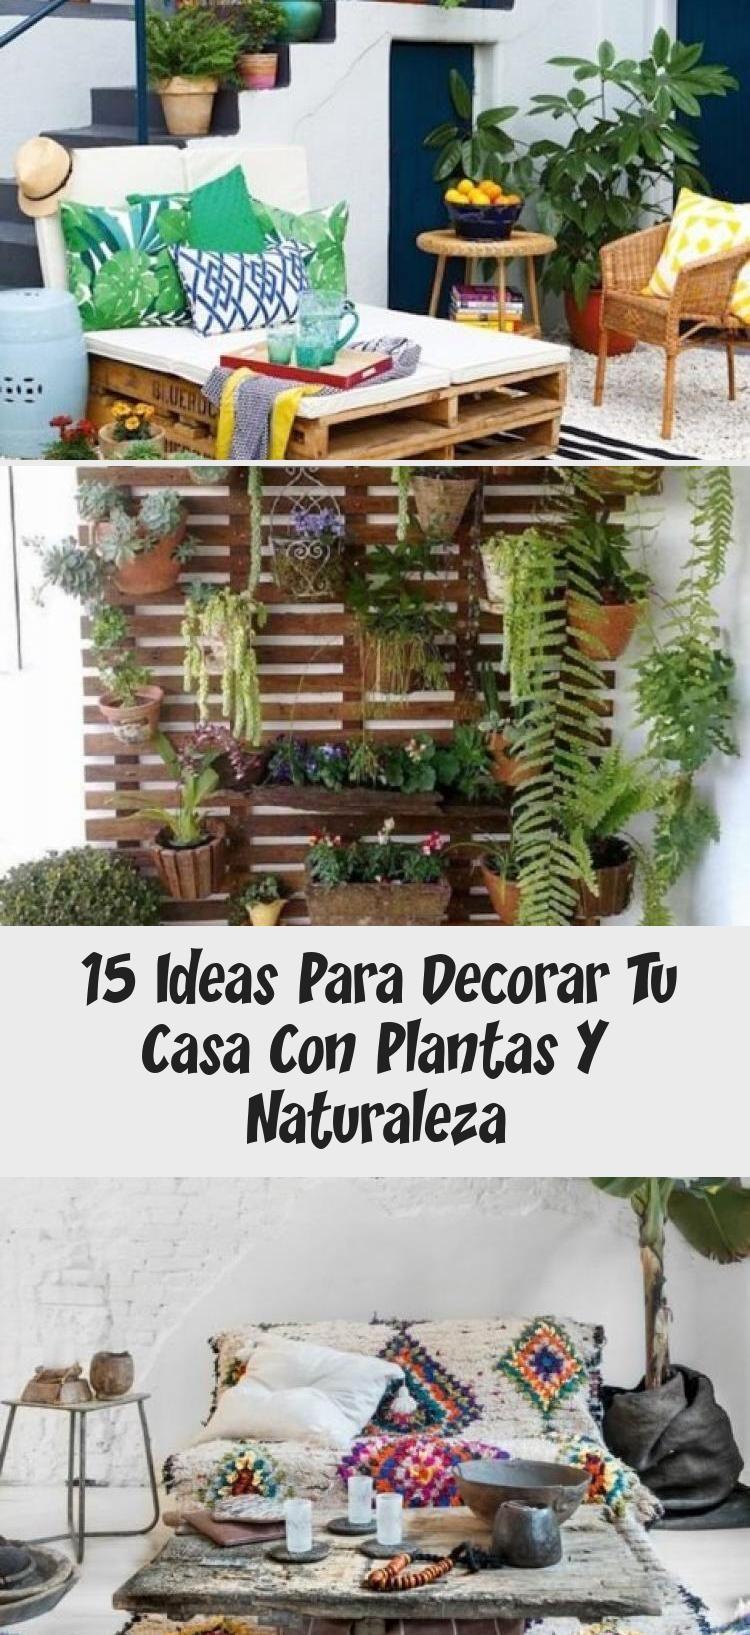 15 Ideas Para Decorar Tu Casa Con Plantas Y Naturaleza Home